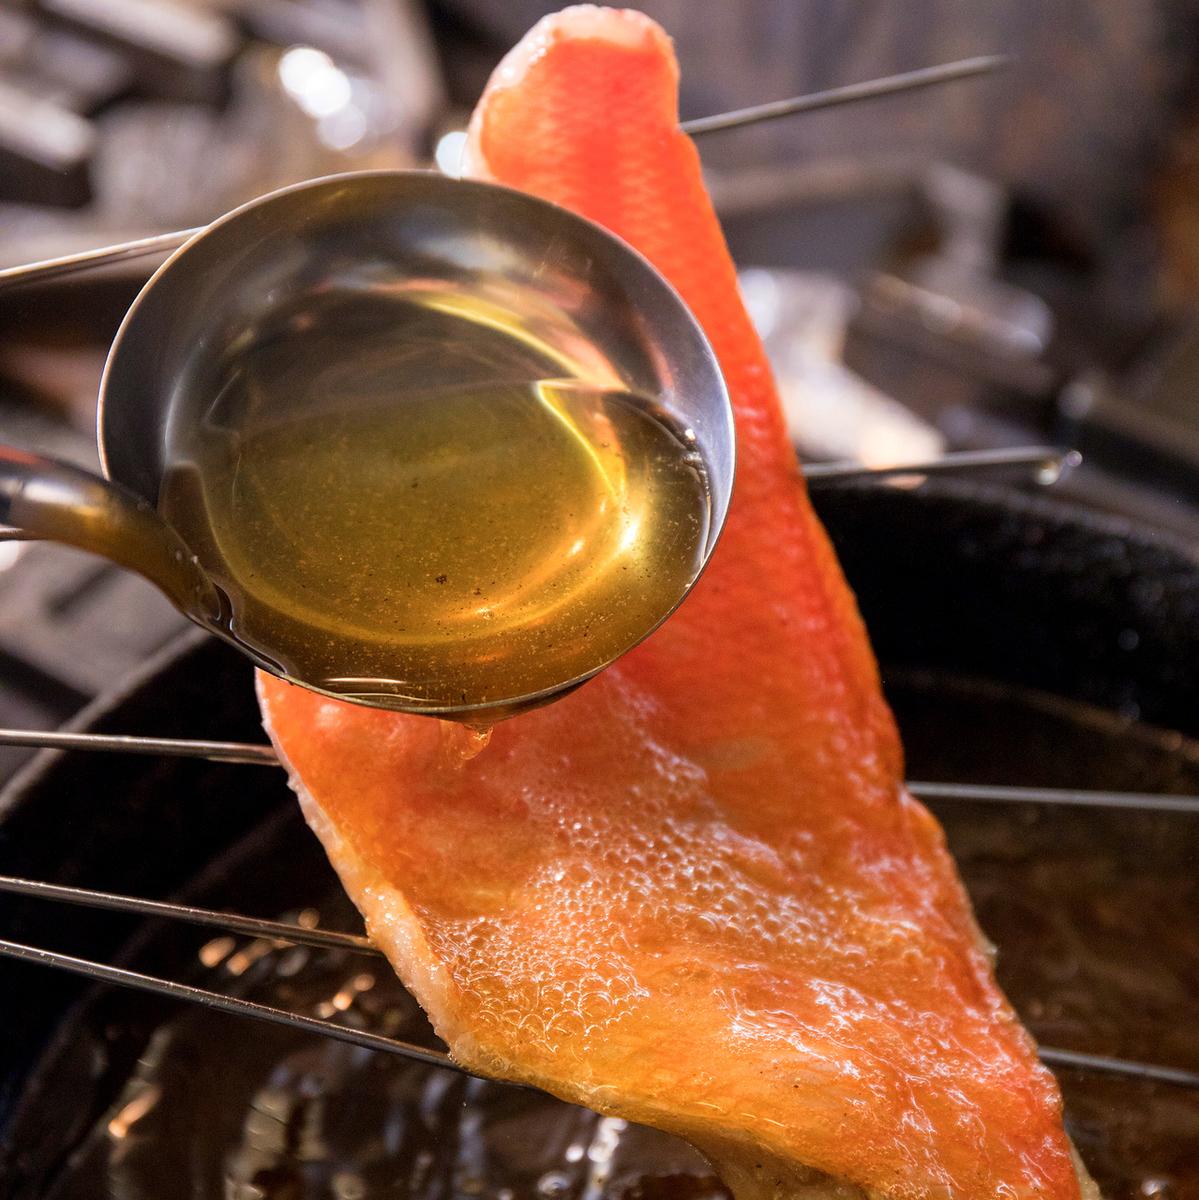 静岡県 遠州灘 天竜川沖 釣りの金目鯛 10日熟成北京ダック風